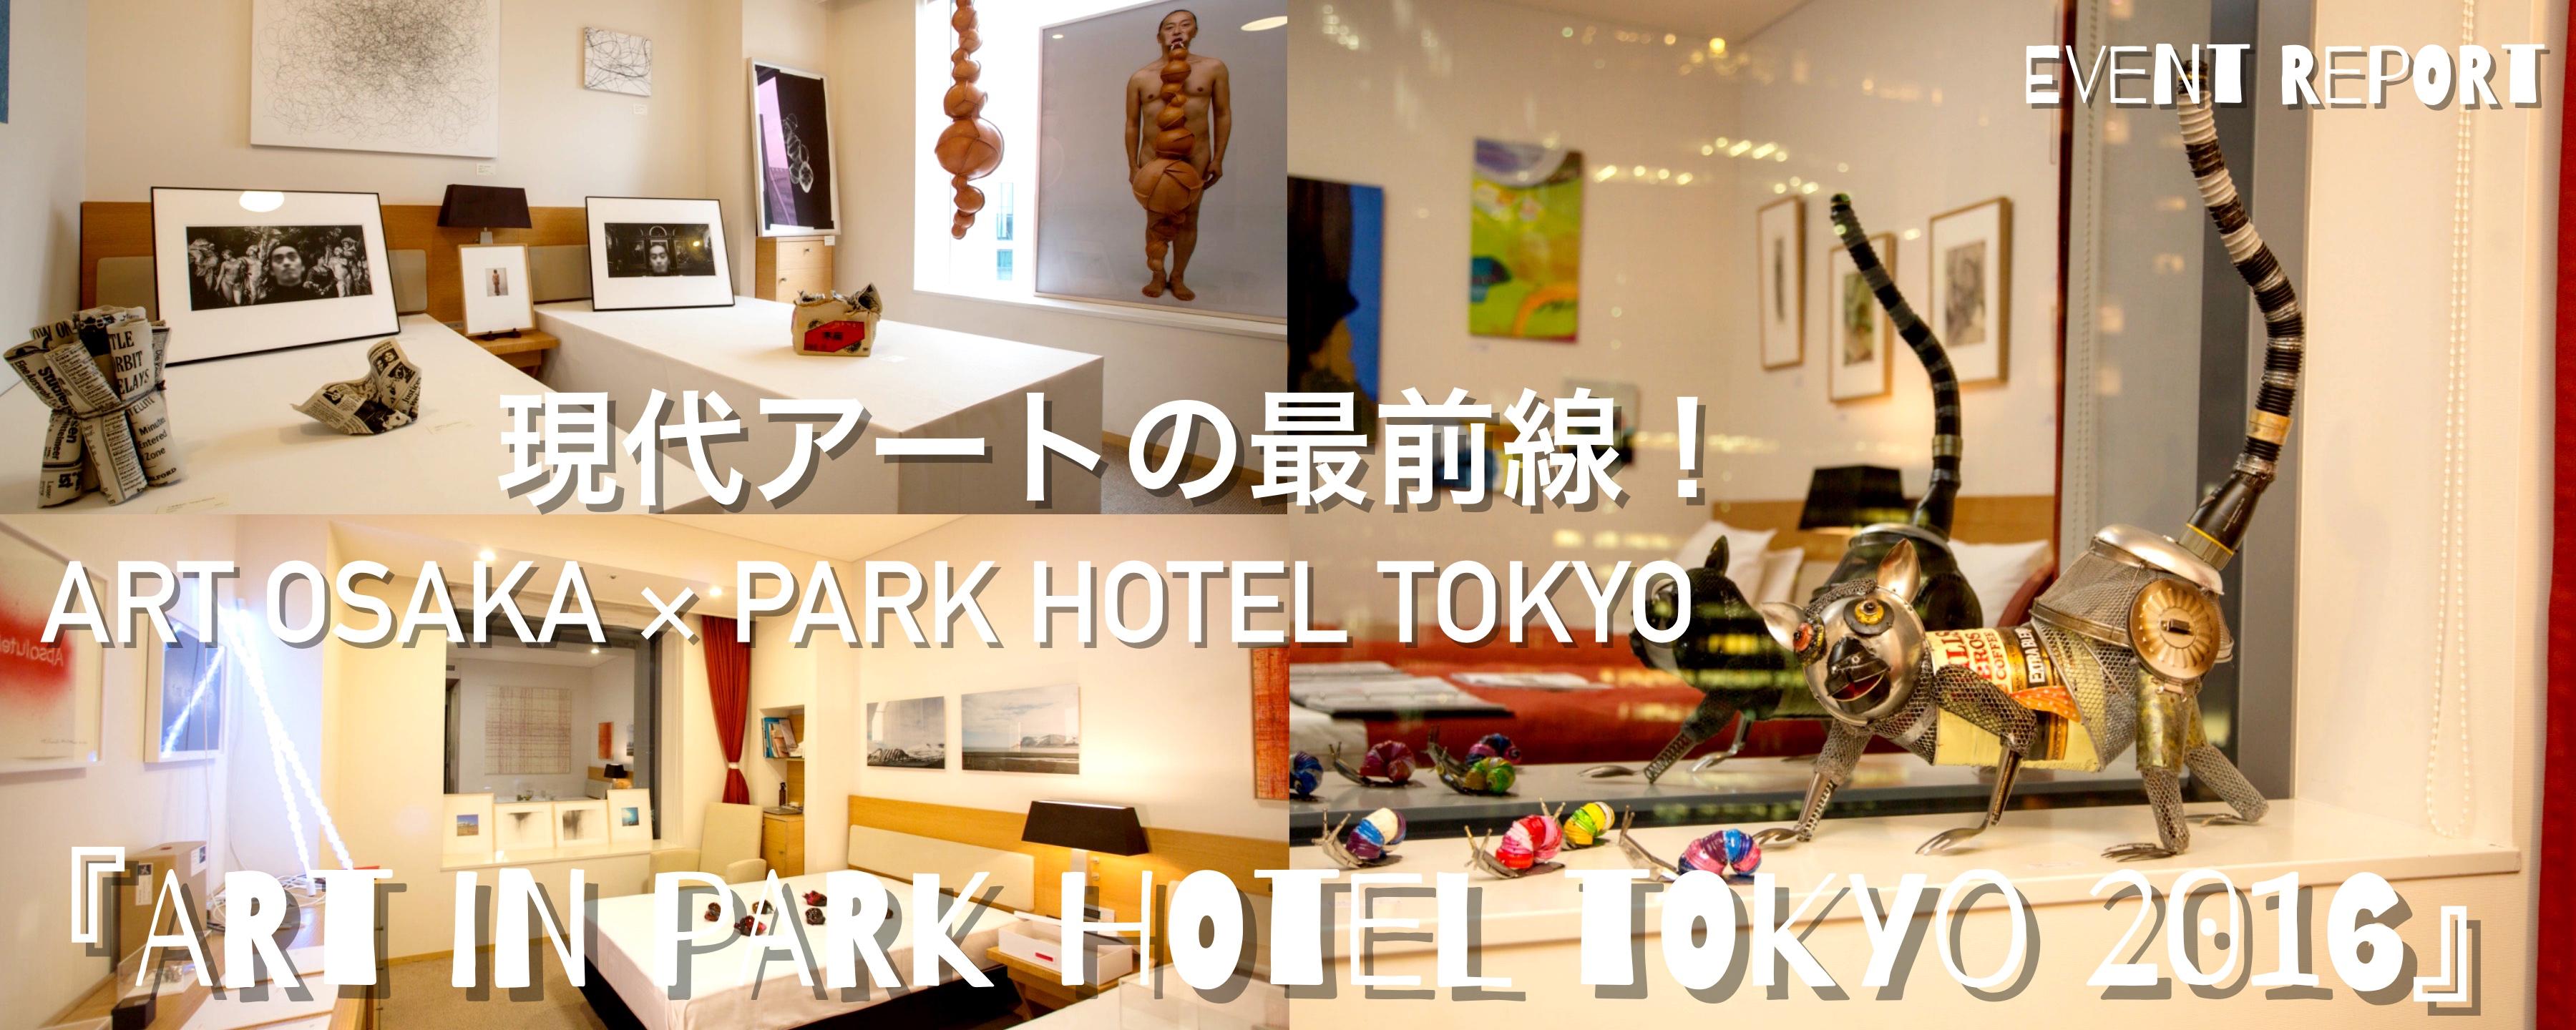 現代アートの最前線! ART OSAKA × PARK HOTEL TOKYO 『ART in PARK HOTEL TOKYO 2016』